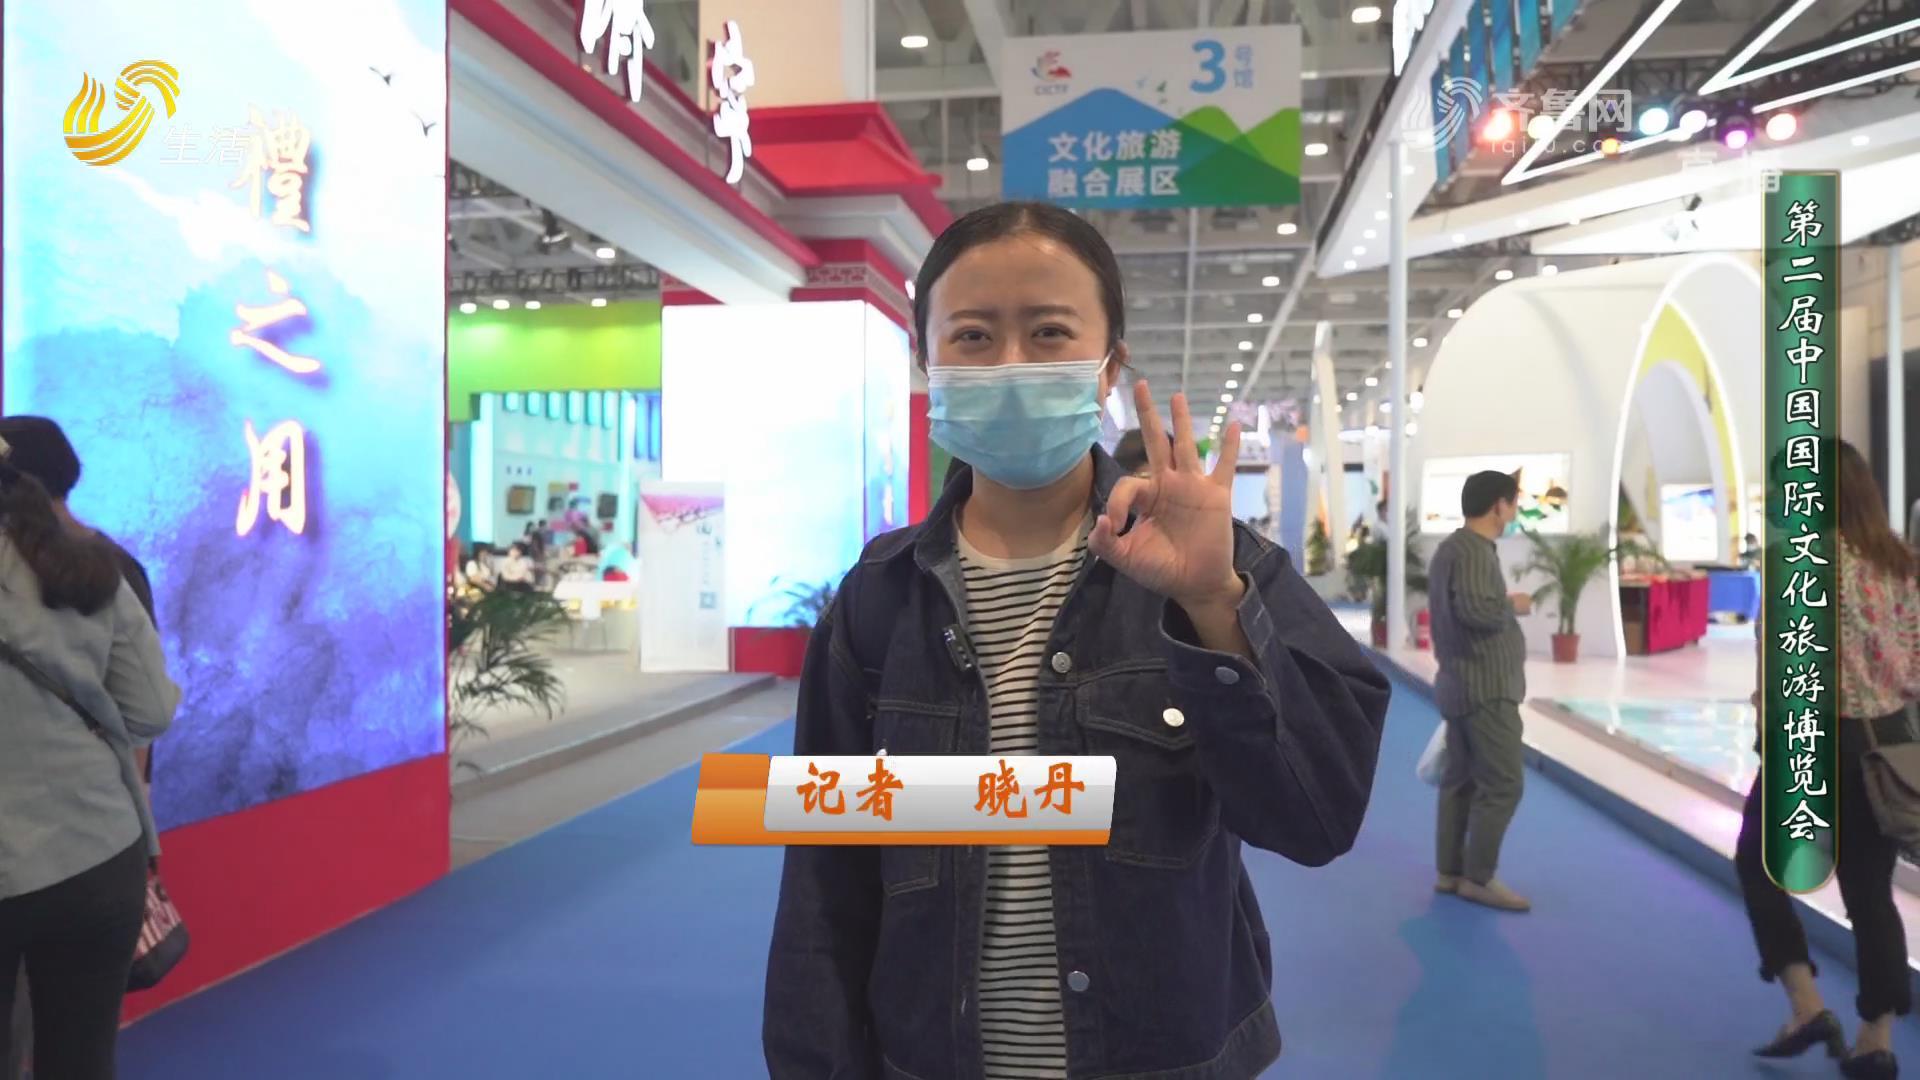 旅游365:走进第二届中国国际文化旅游博览会